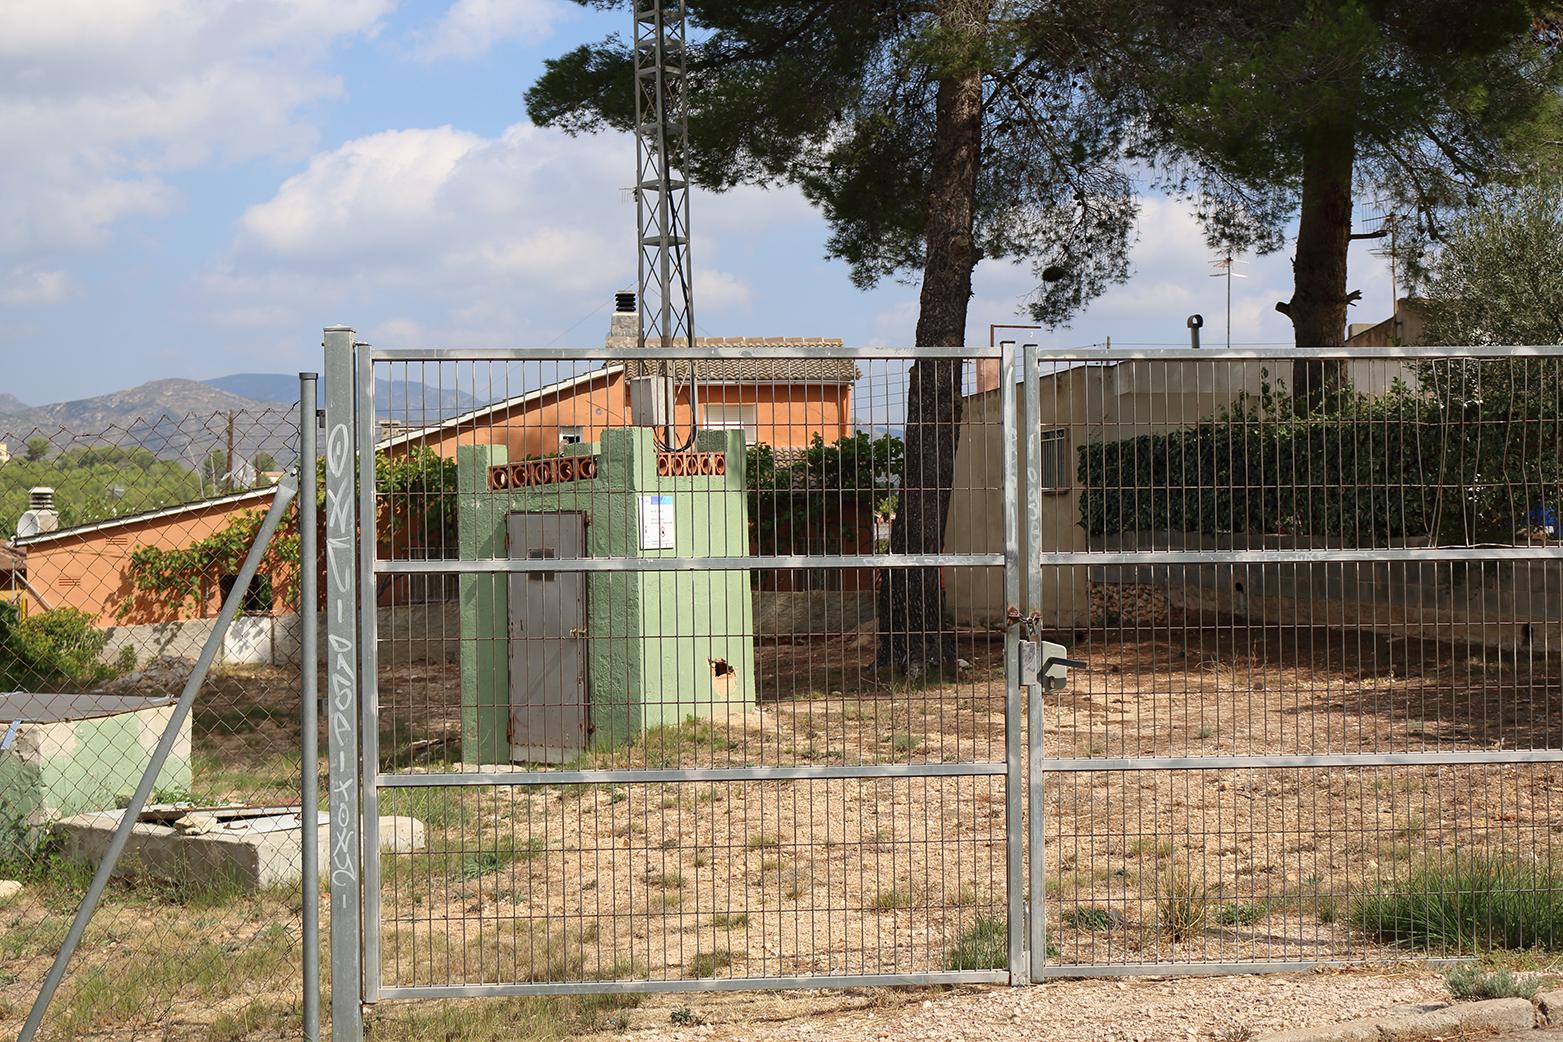 L'ACA ha concedit una subvenció a l'Ajuntament de la Bisbal per al projecte de construcció del nou pou d'aigua de l'Esplai